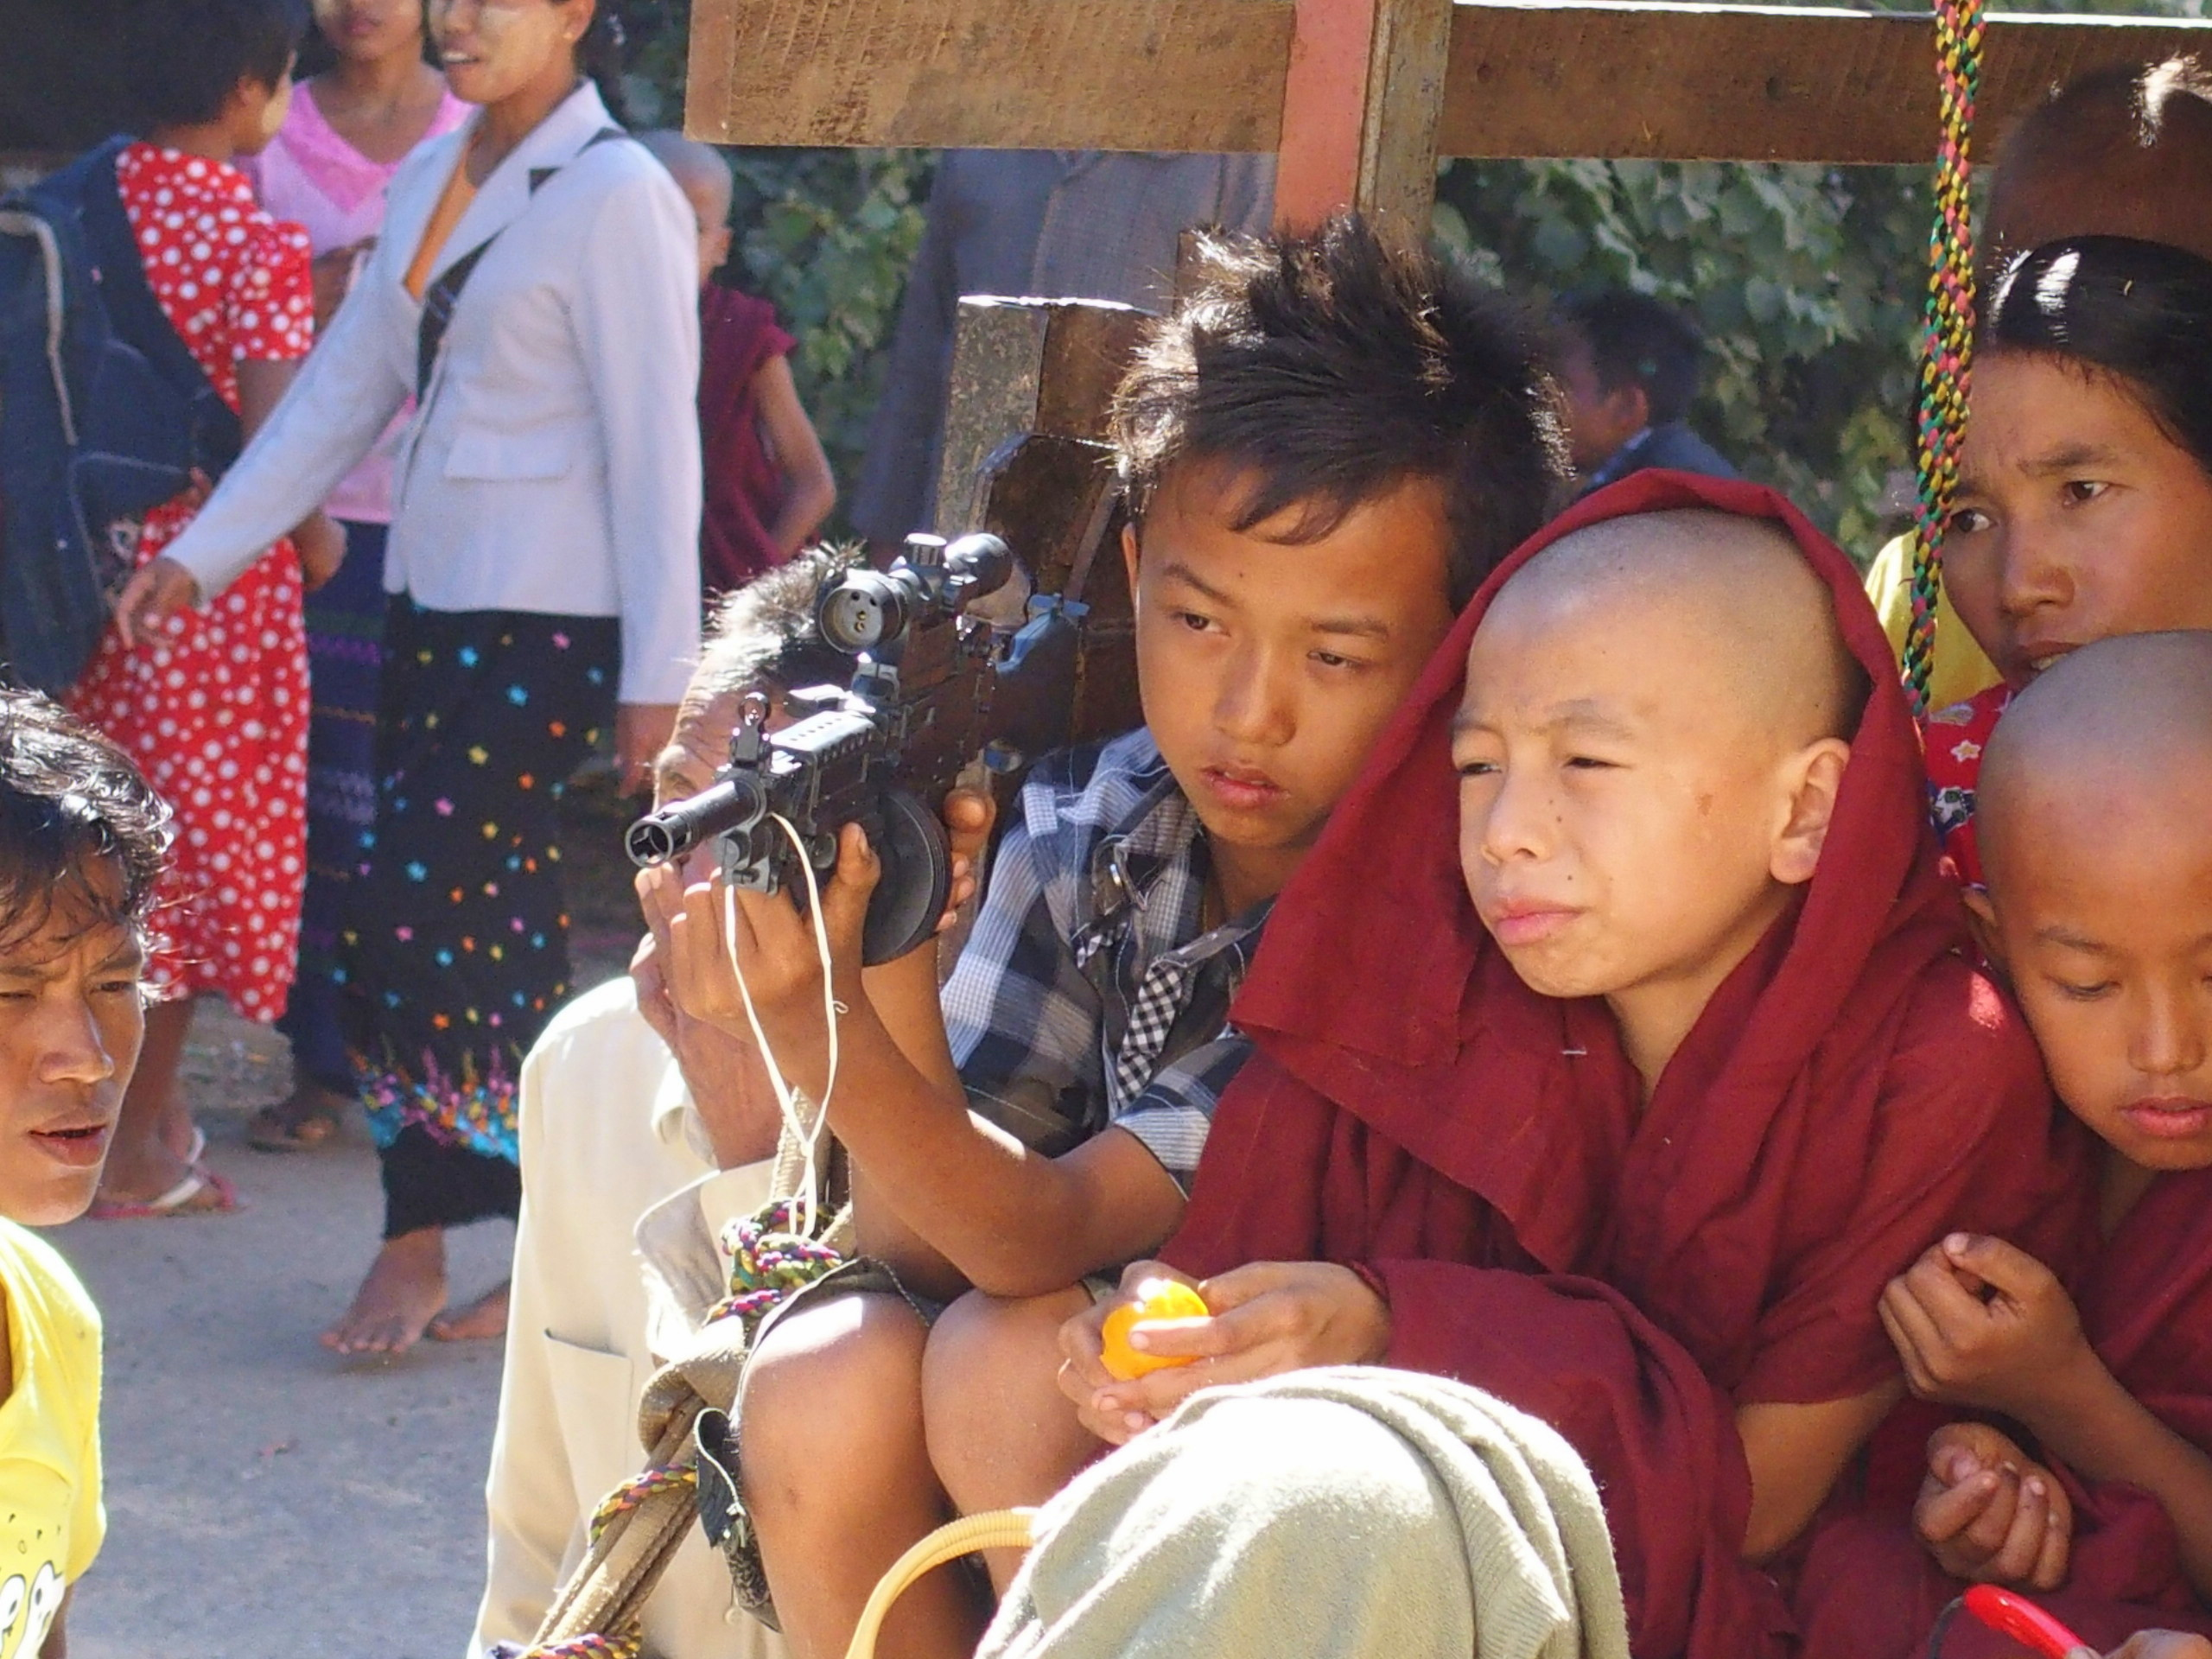 Enfant avec fusil-jouet marché Bagan Myanmar.